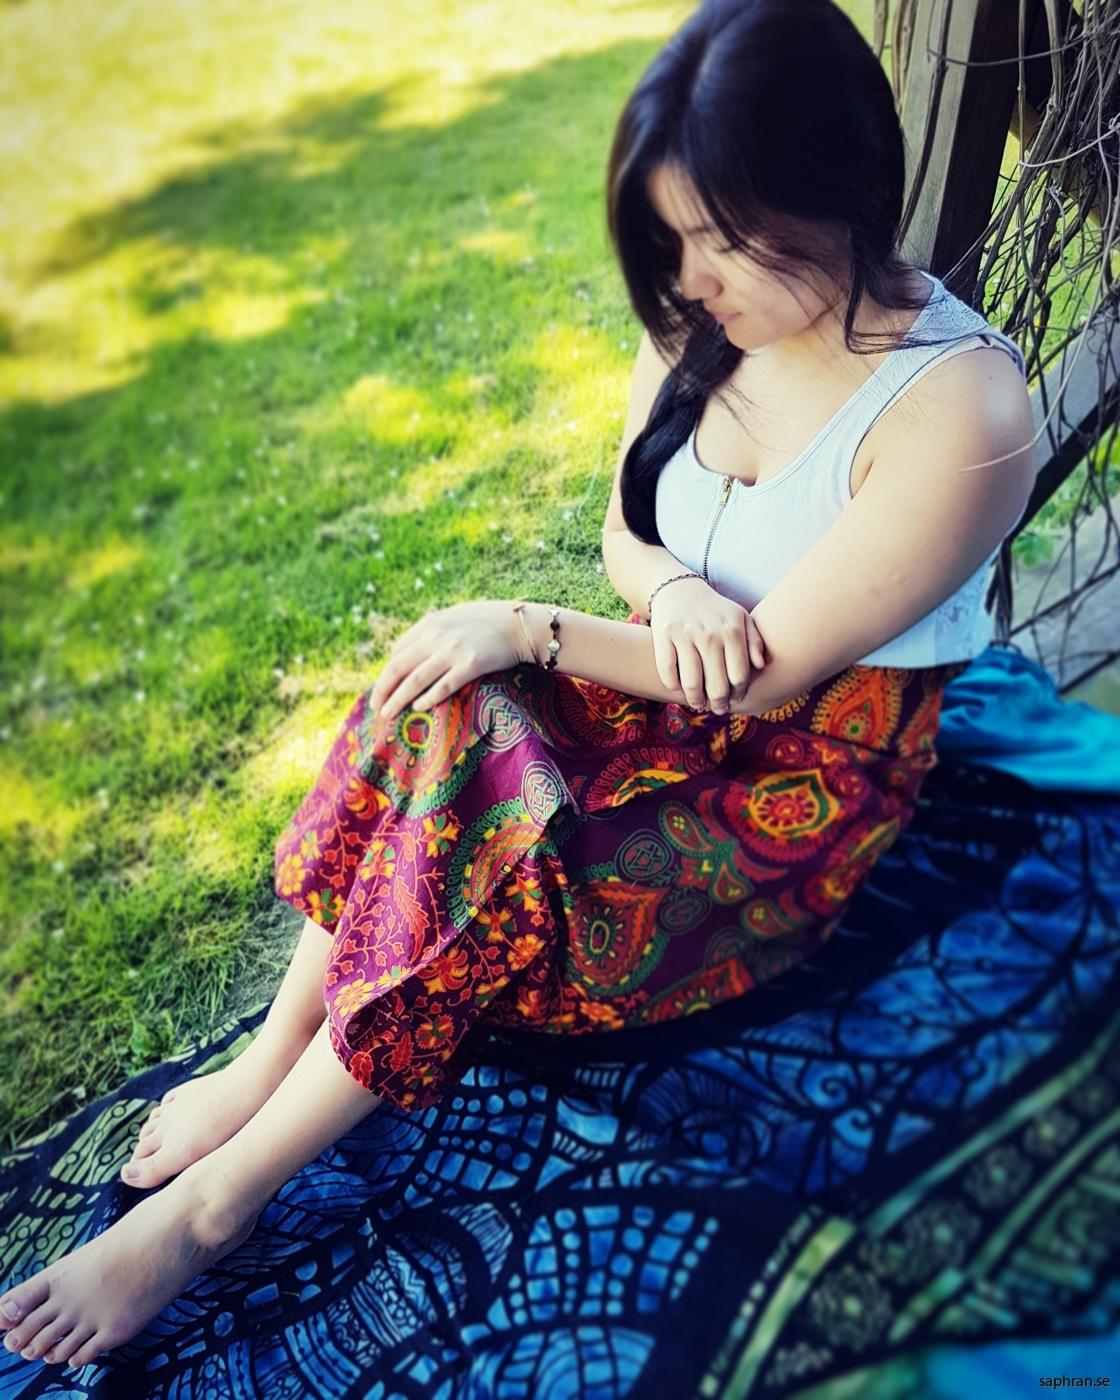 Omlottkjol med härliga färger och mönster, perfekt för sommarens fester.